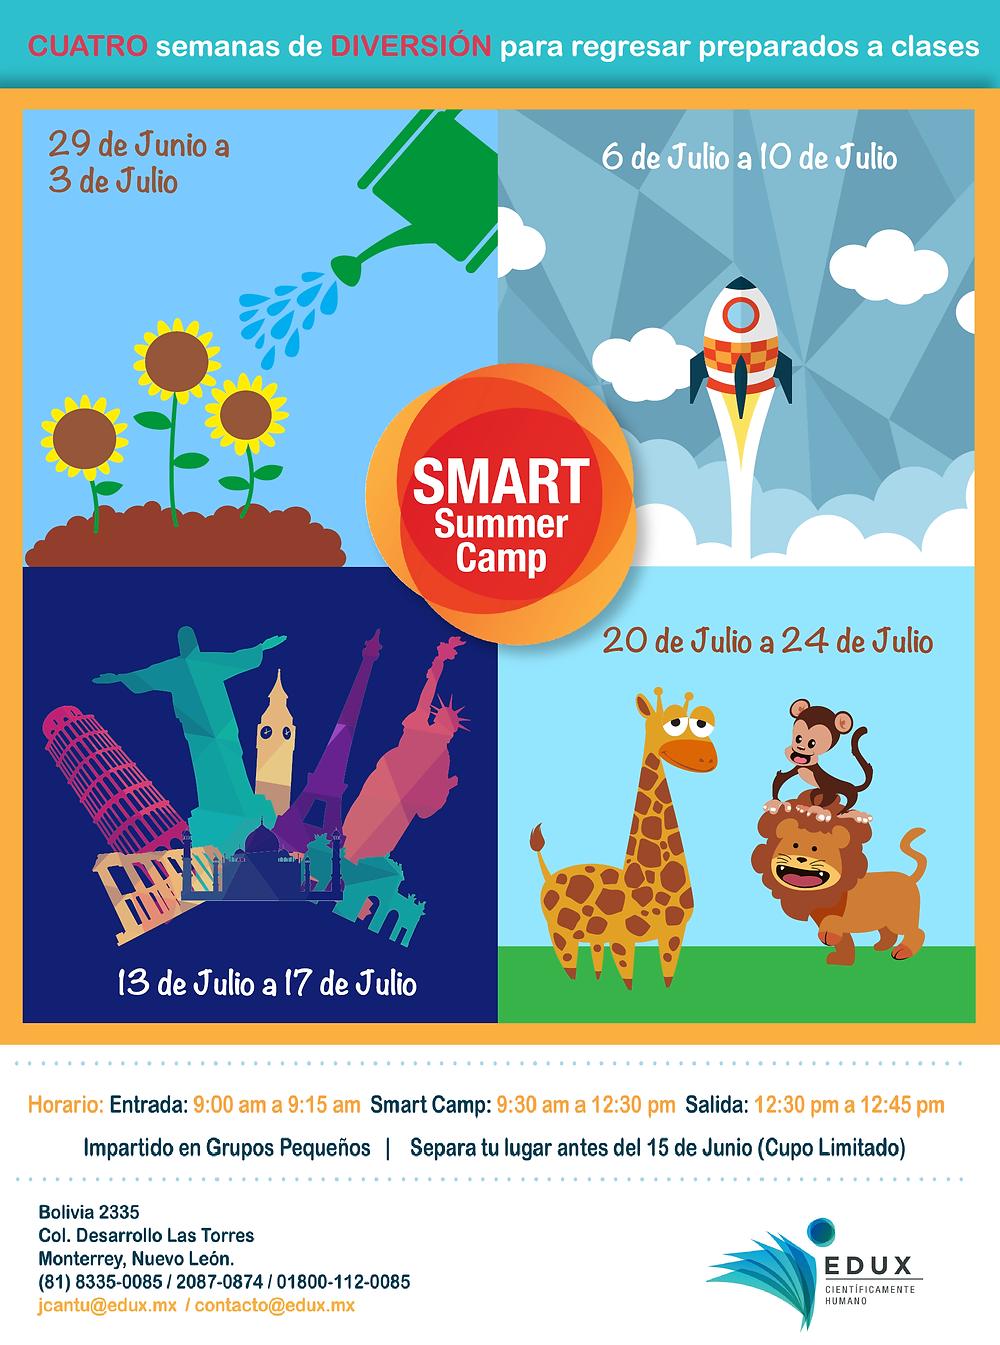 SMART SUMMER CAMP_recortado2.png